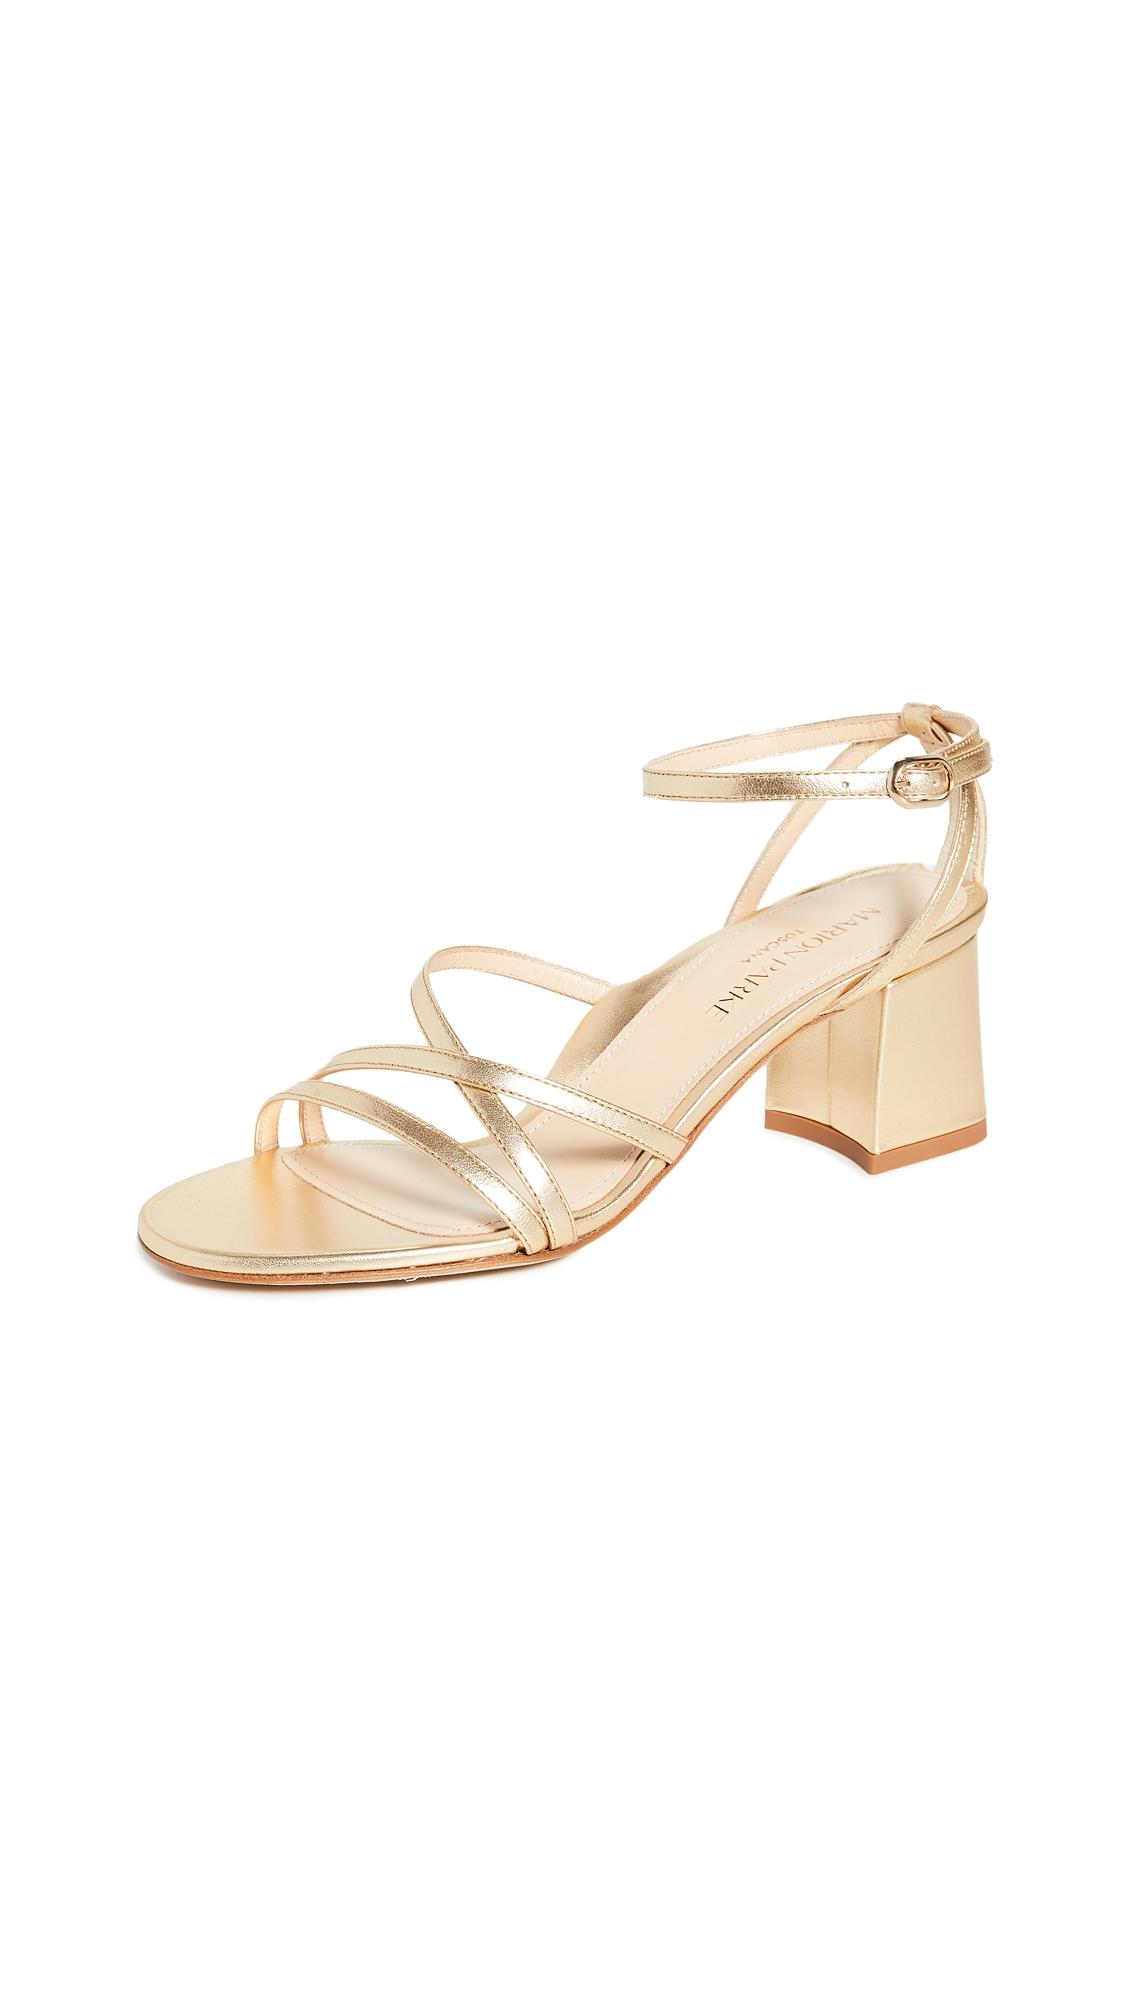 Buy Marion Parke Bianca 60mm Sandals online, shop Marion Parke